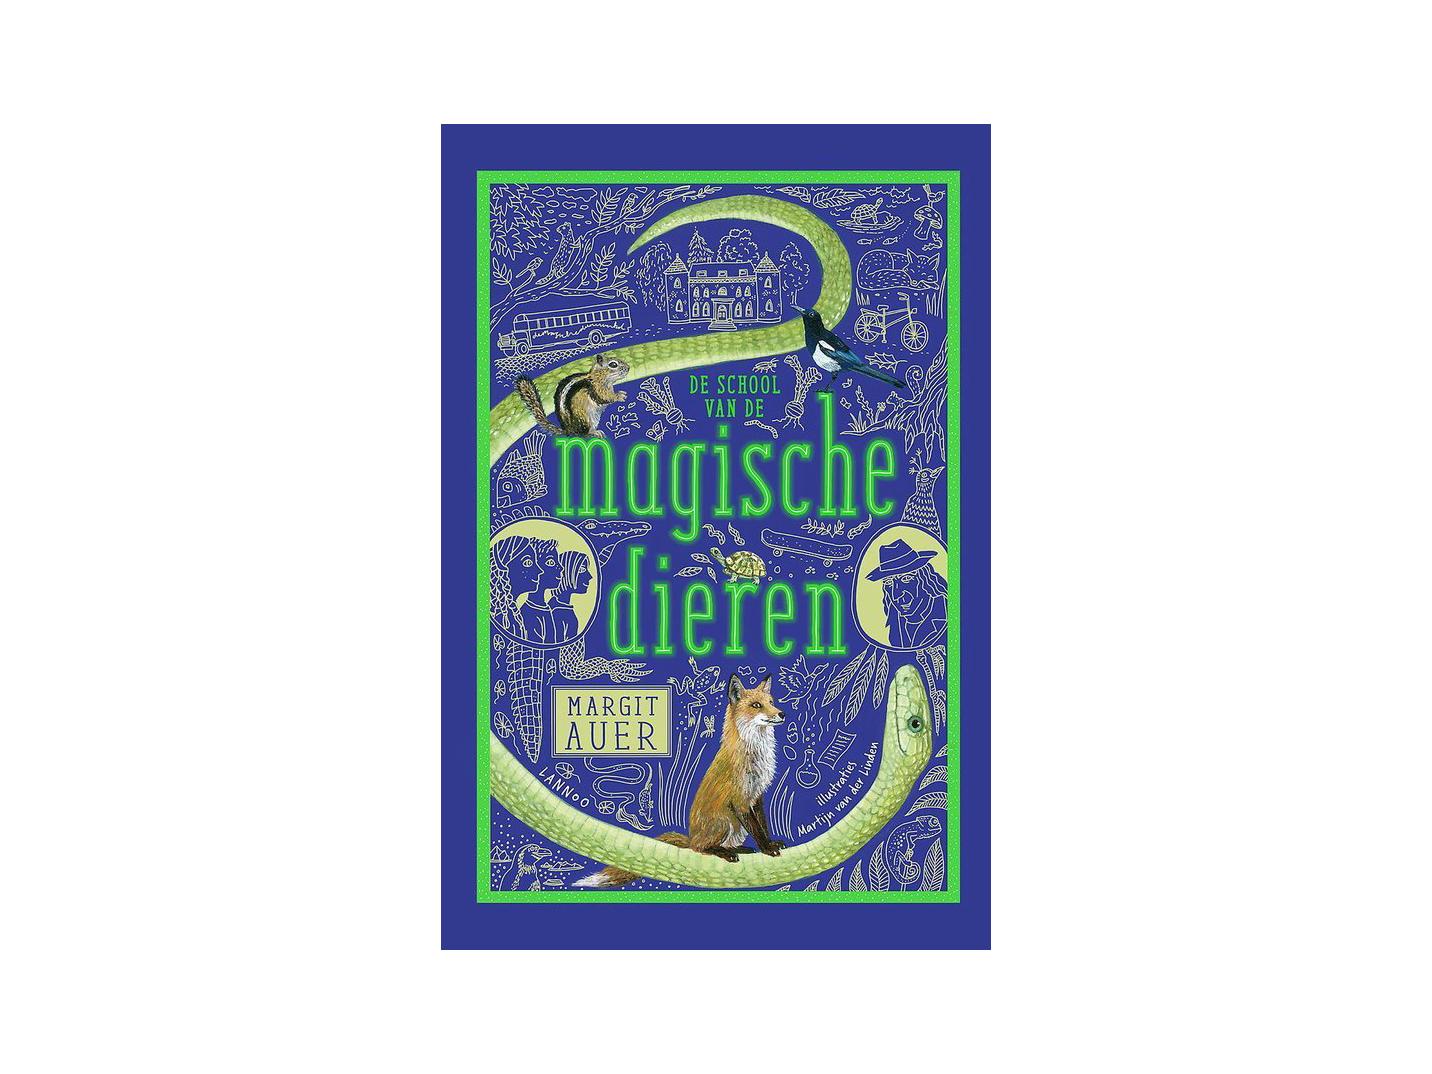 De school van de magische dieren Margit Auer